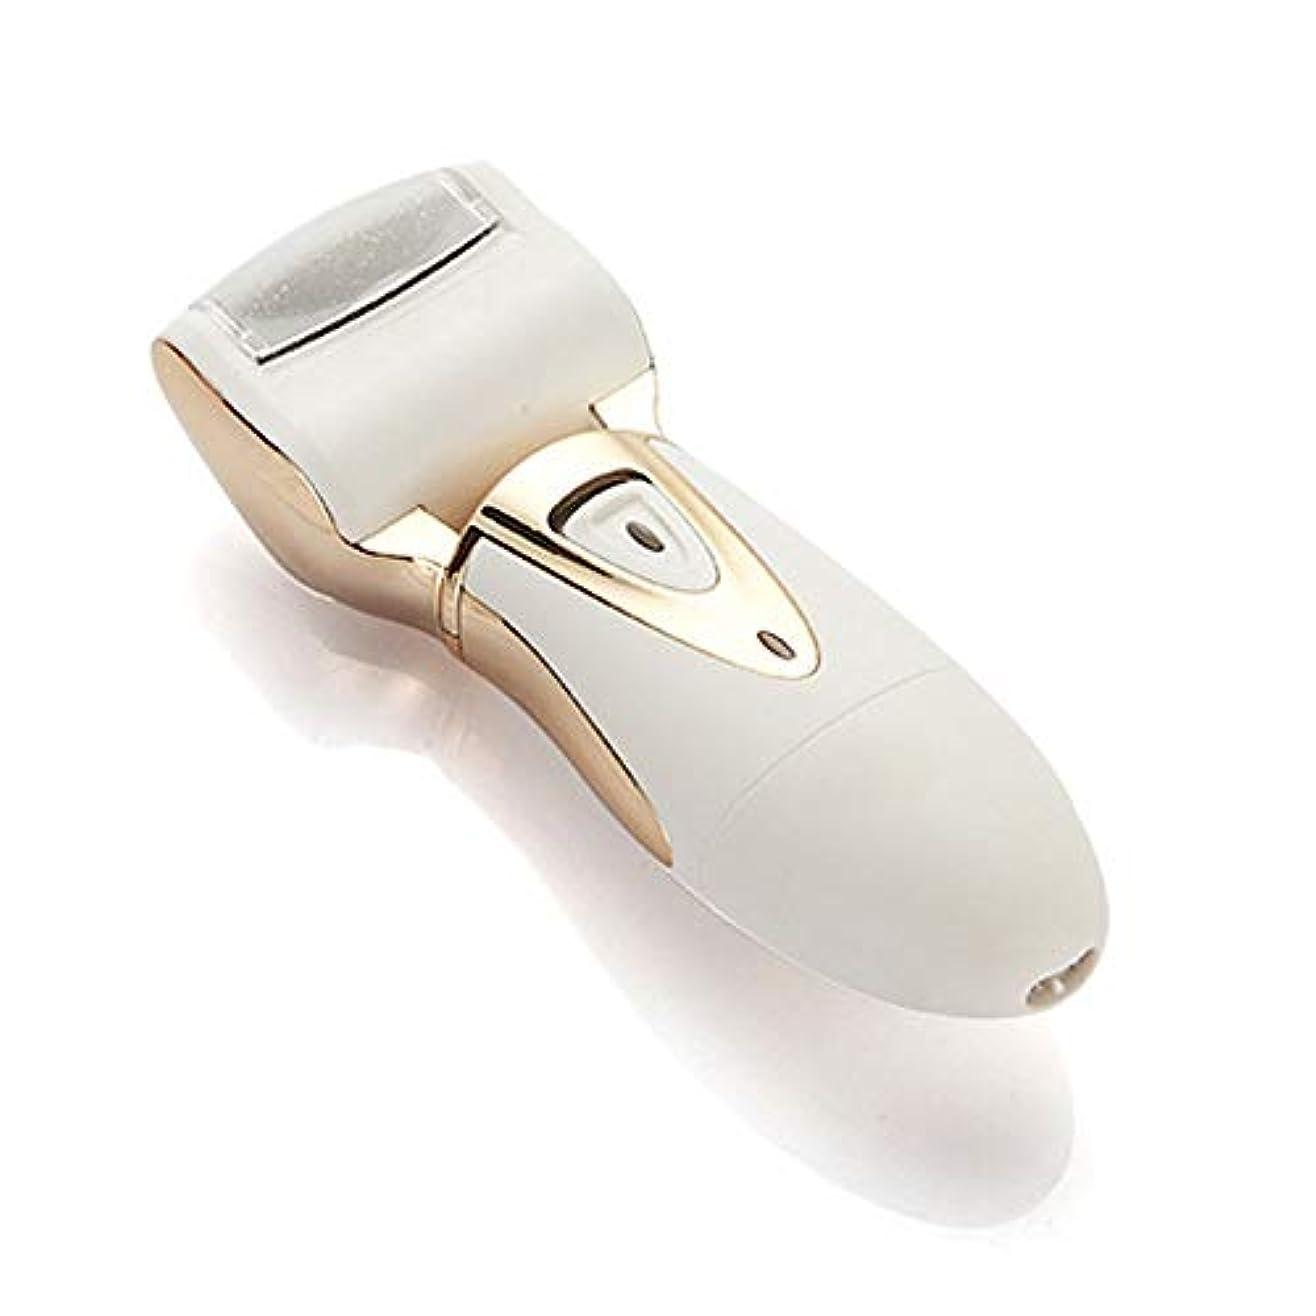 解決スロット噛むペディキュアツール電動フットファイル充電式デッドハードスキンリムーバー用プロの粗い足のお手入れウェット&ドライ防水 ペディキュアツール (色 : ゴールド, サイズ : Free size)